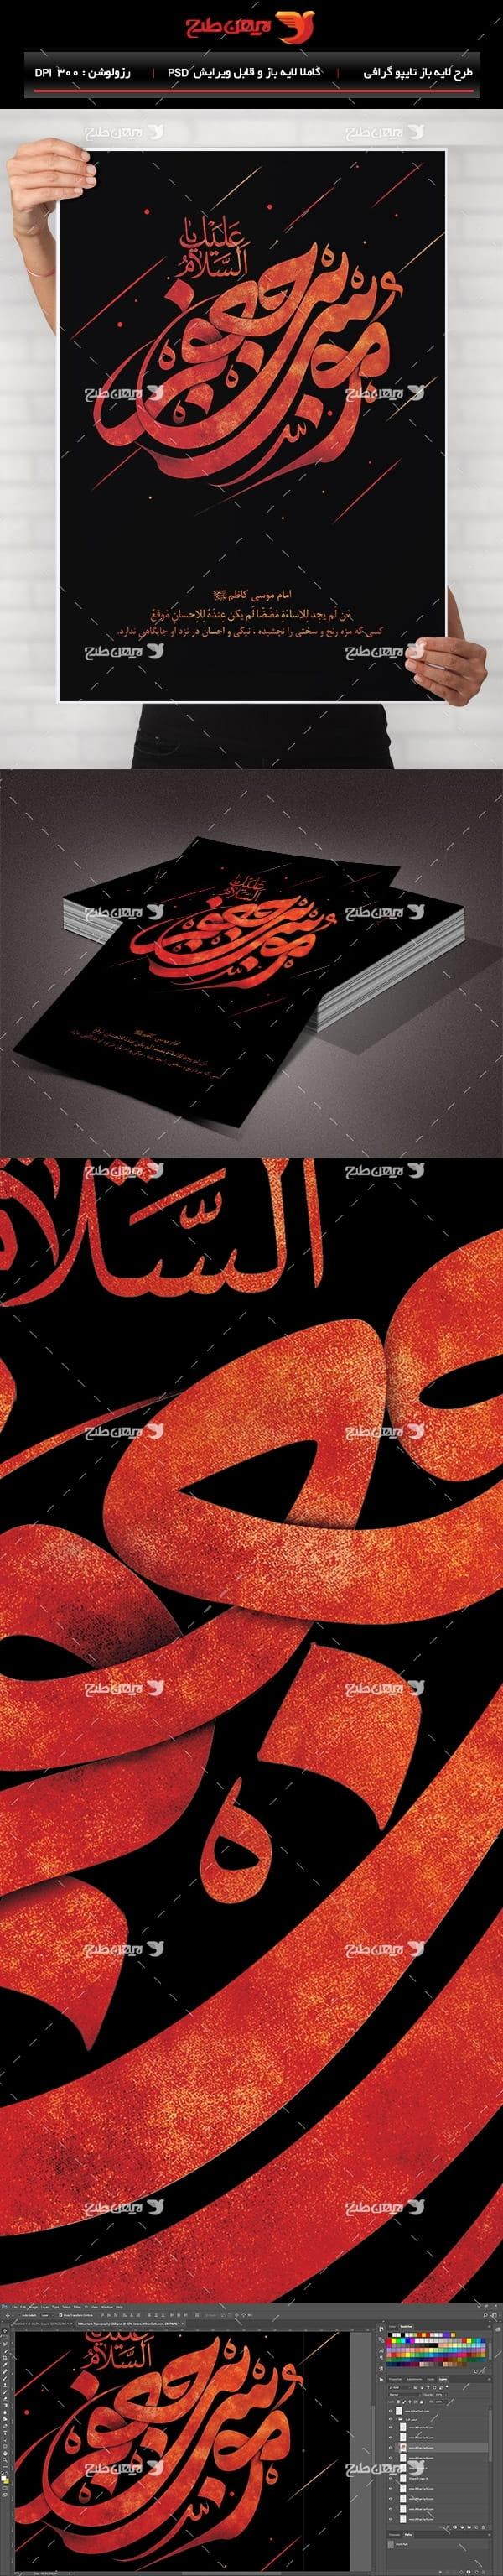 طرح لایه باز تایپوگرافی و خطاطی نام امام موسی کاظم (ع)